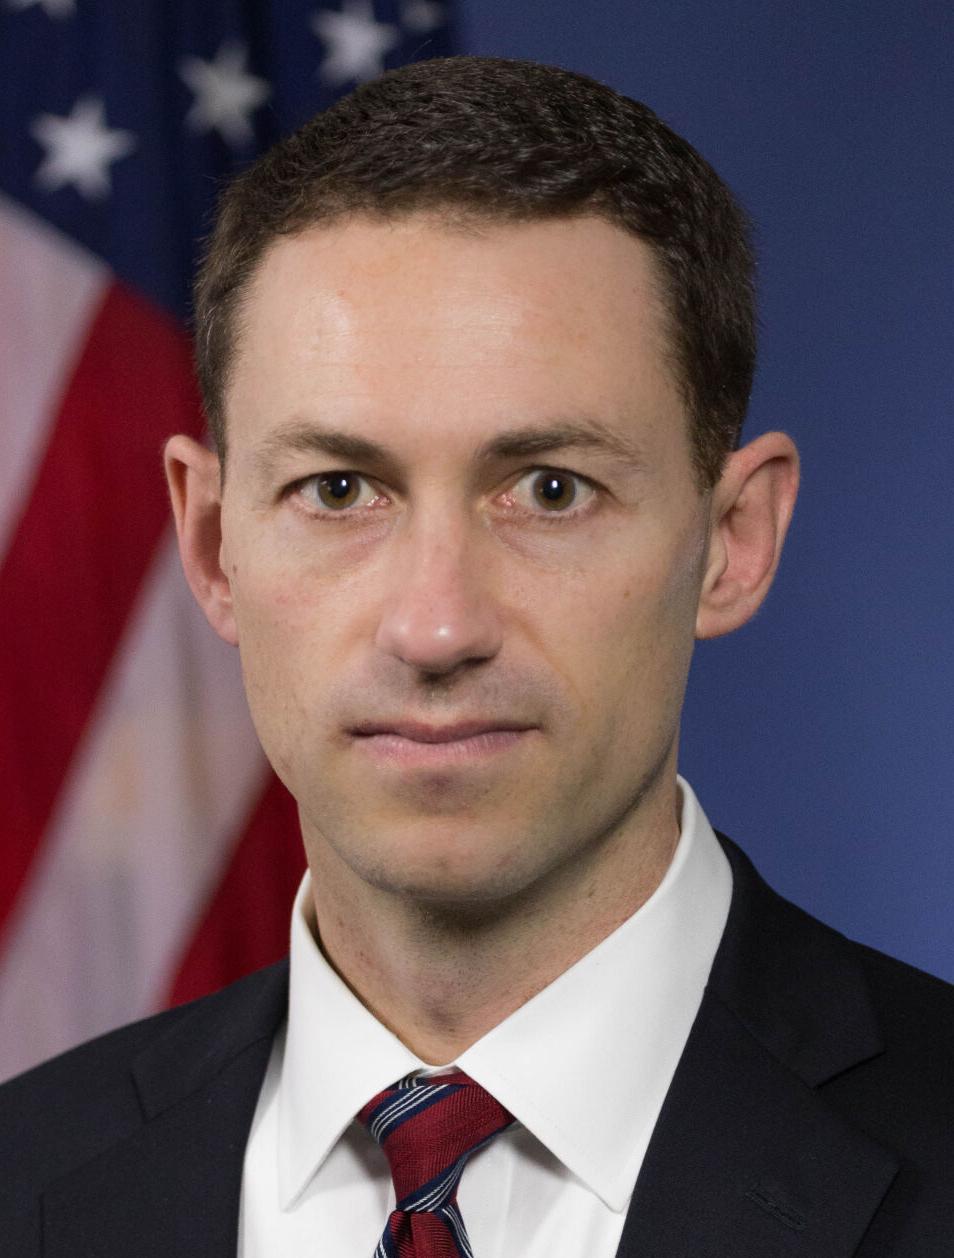 U.S. Attorney Matthew D. Krueger of the Eastern District of Wisconsin